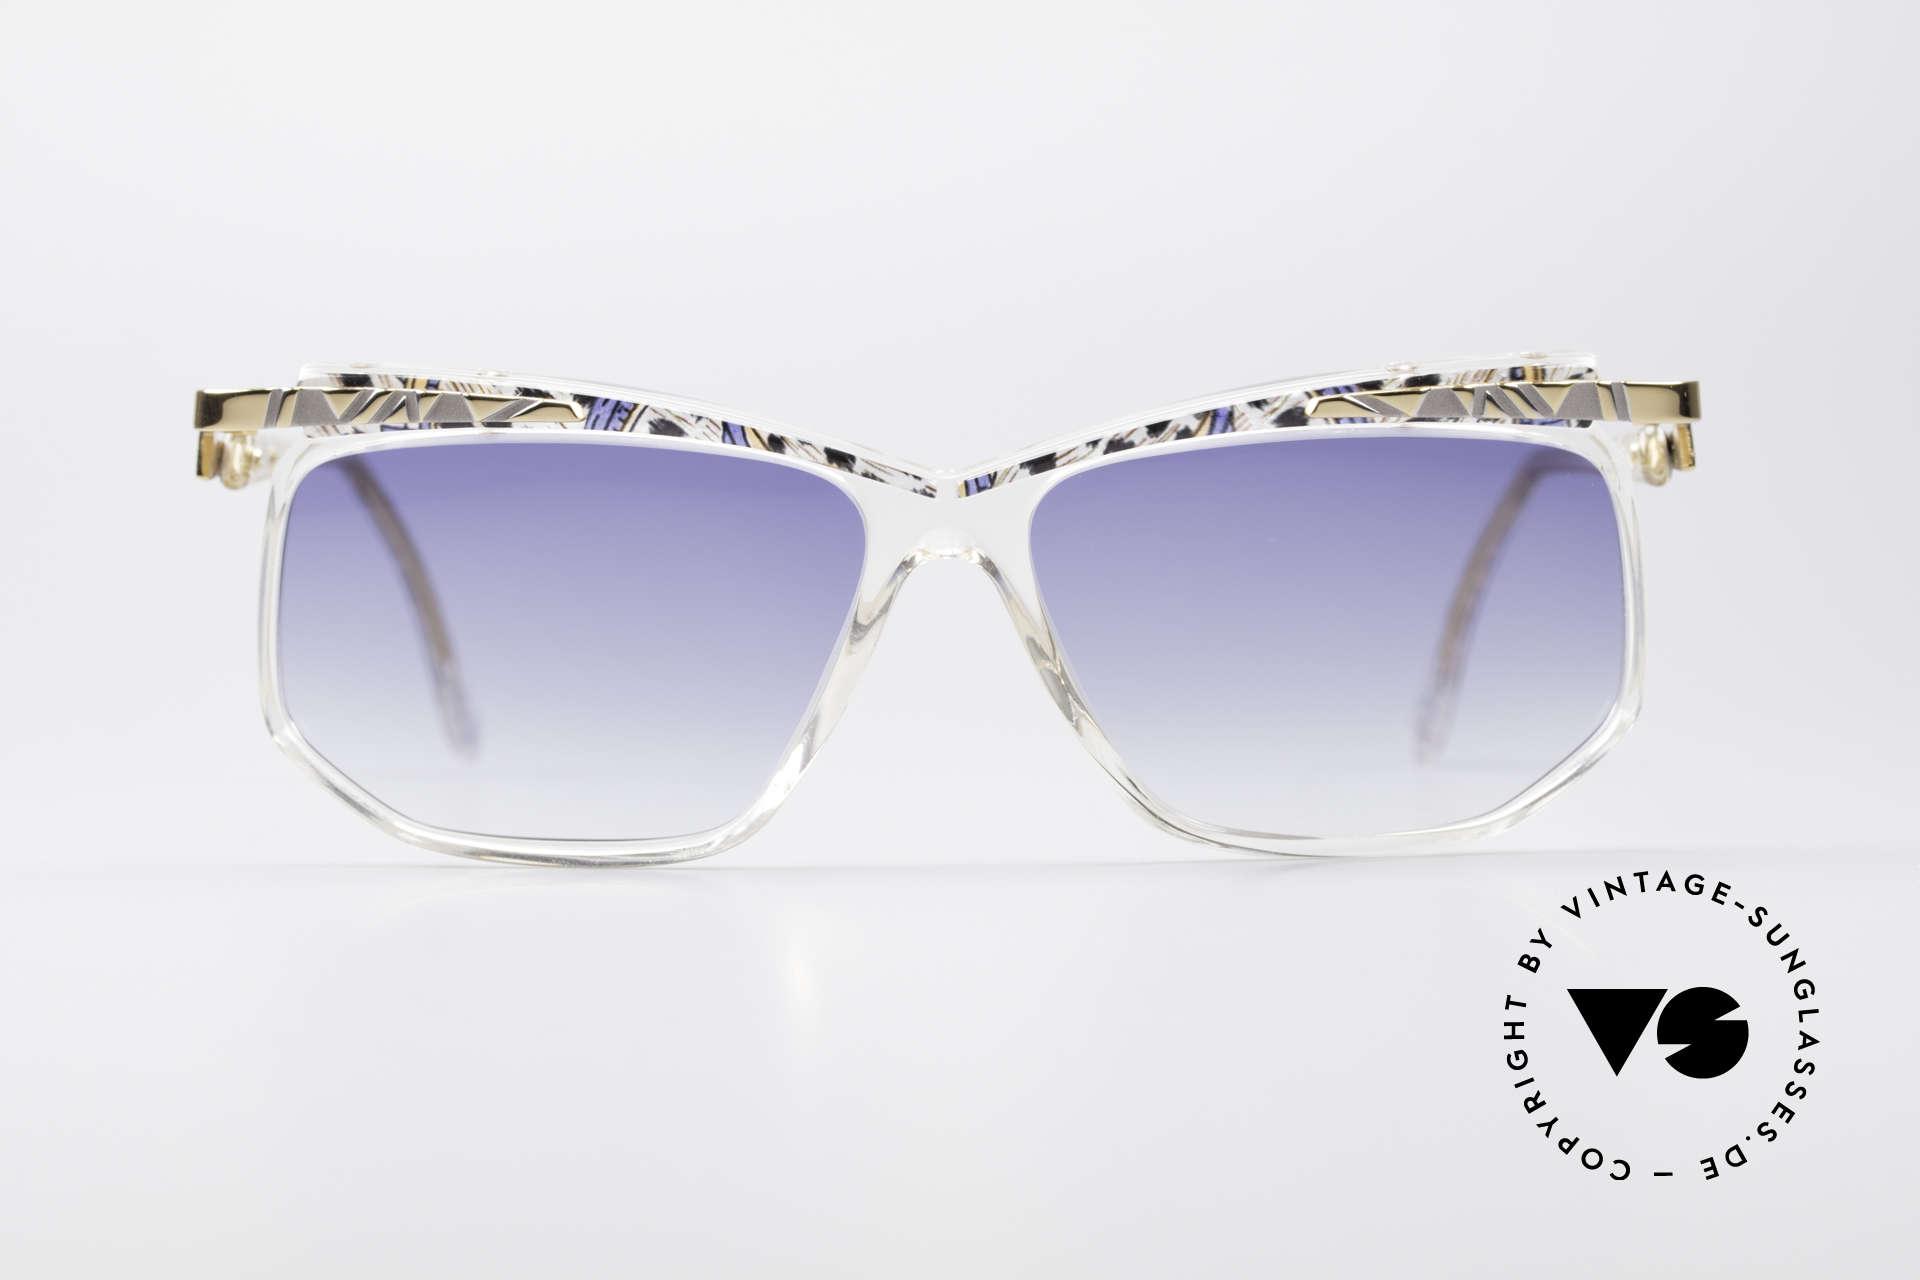 Cazal 366 Crystal Vintage 90's Hip Hop, crystal frame (interesting pattern: azure/maize/black), Made for Men and Women